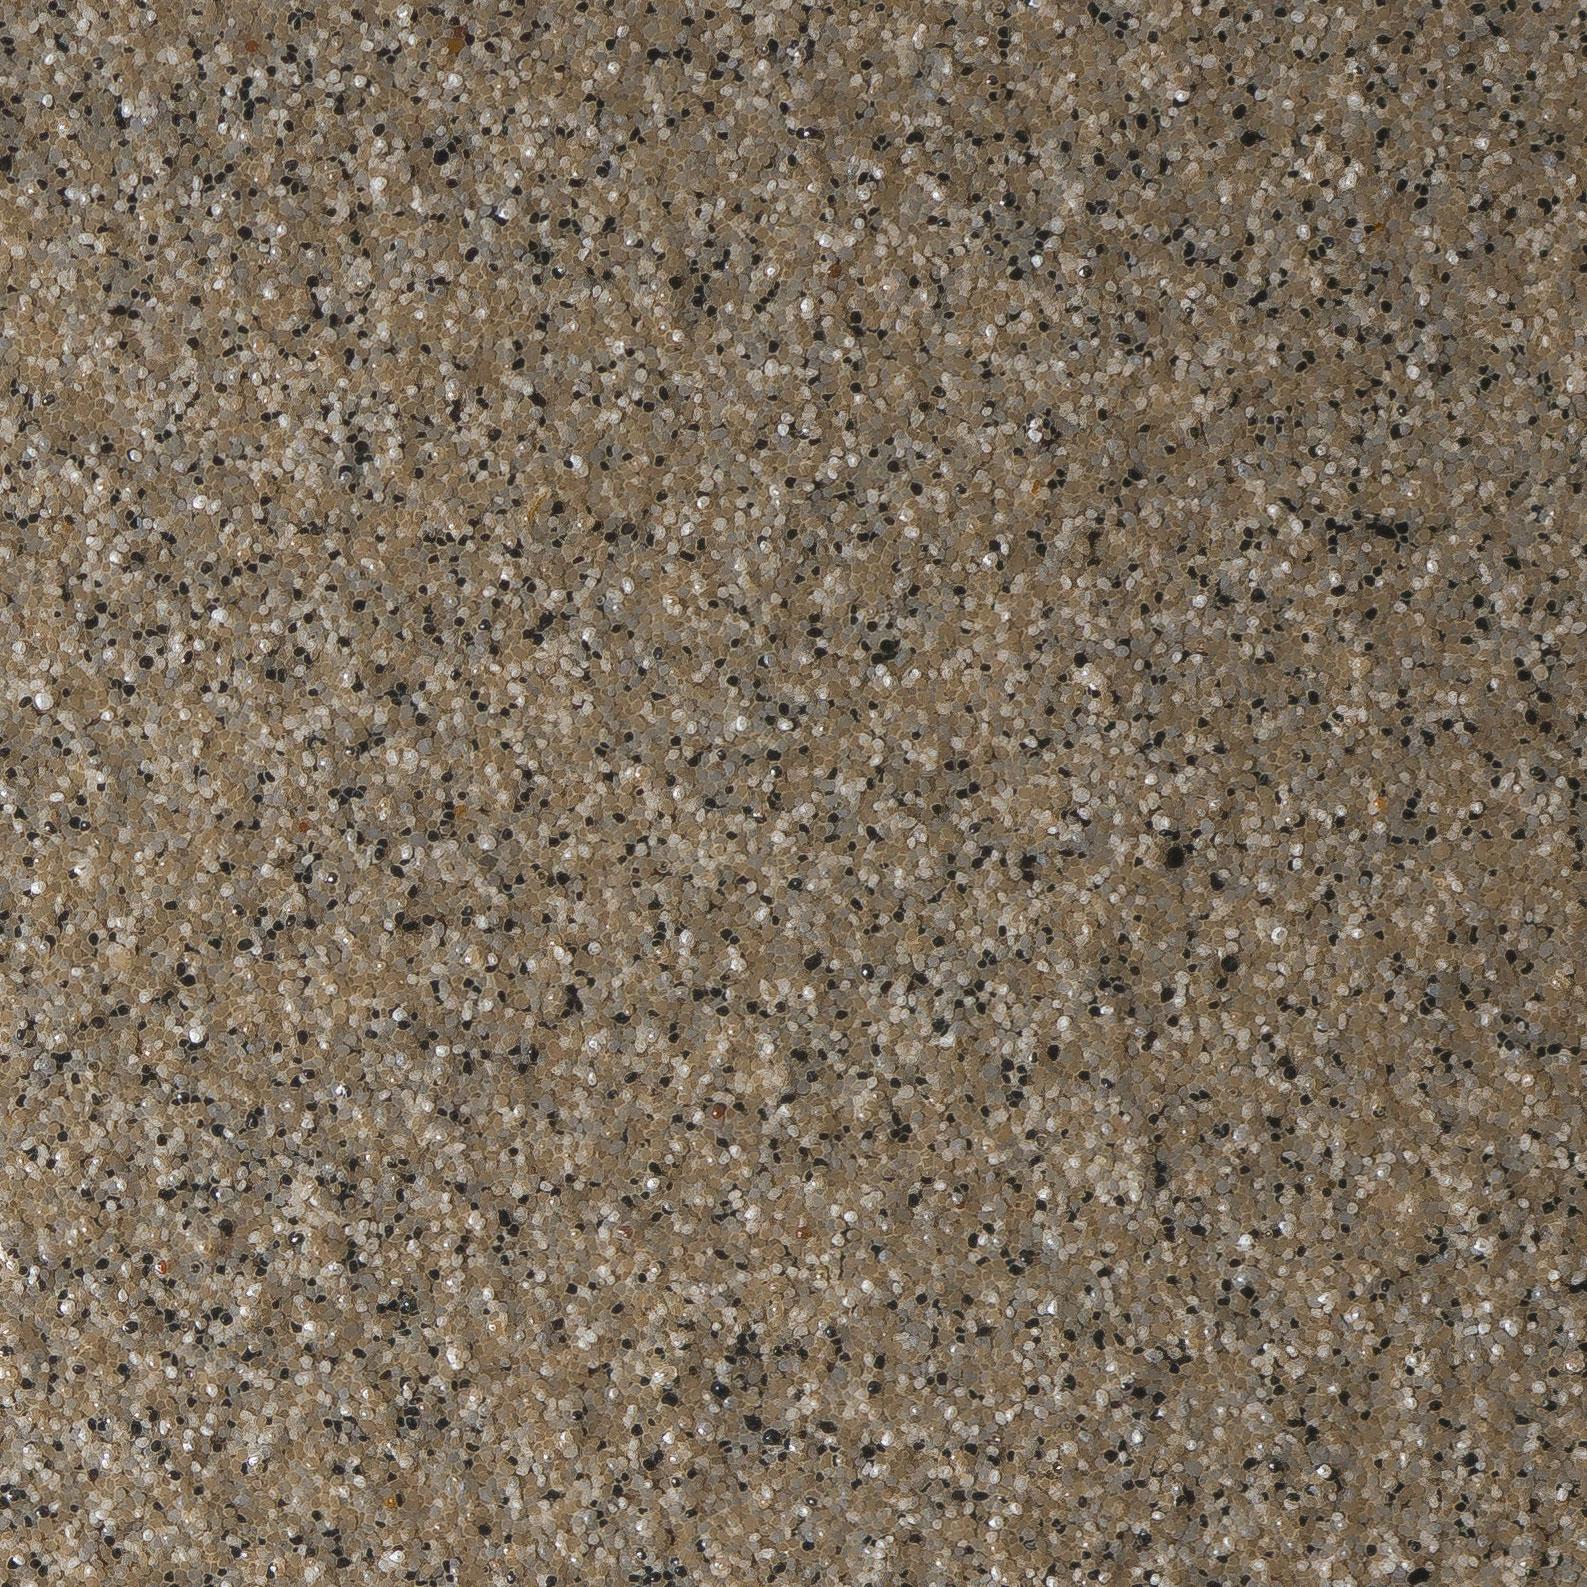 Garage Doctors Easy Clean Flooring in Florida platinum-quartz-quarry